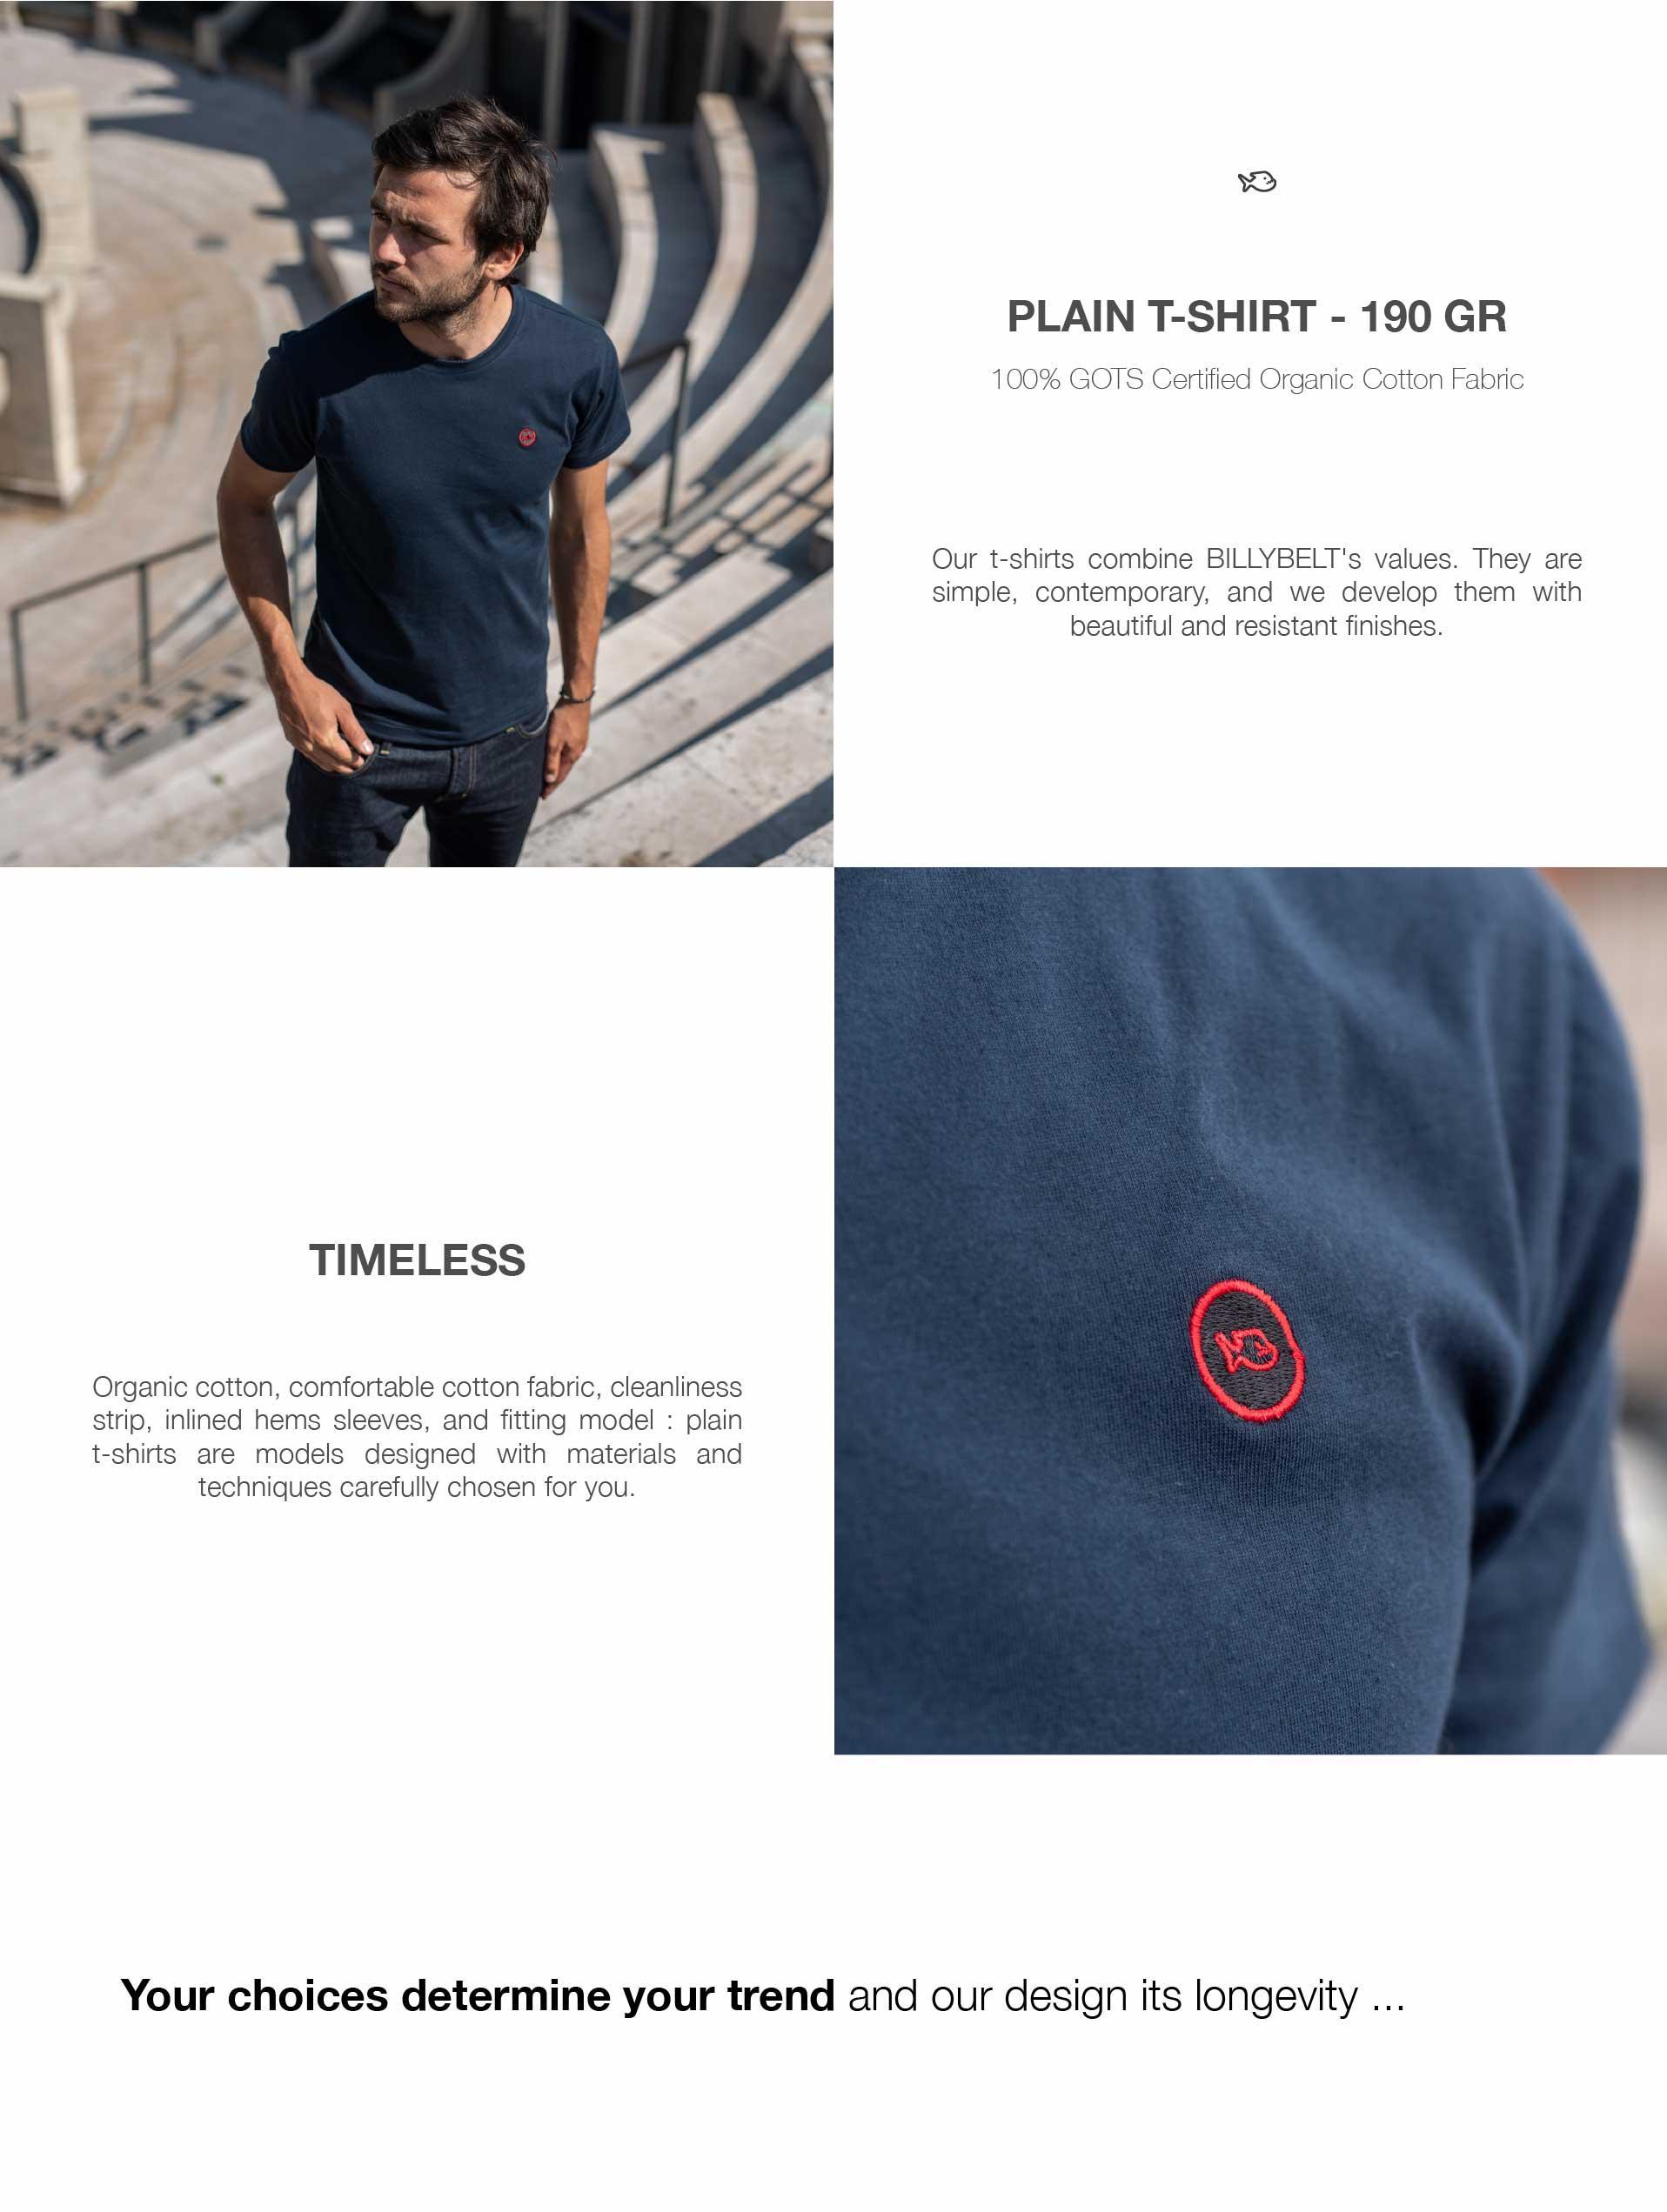 plain t-shirt presentation